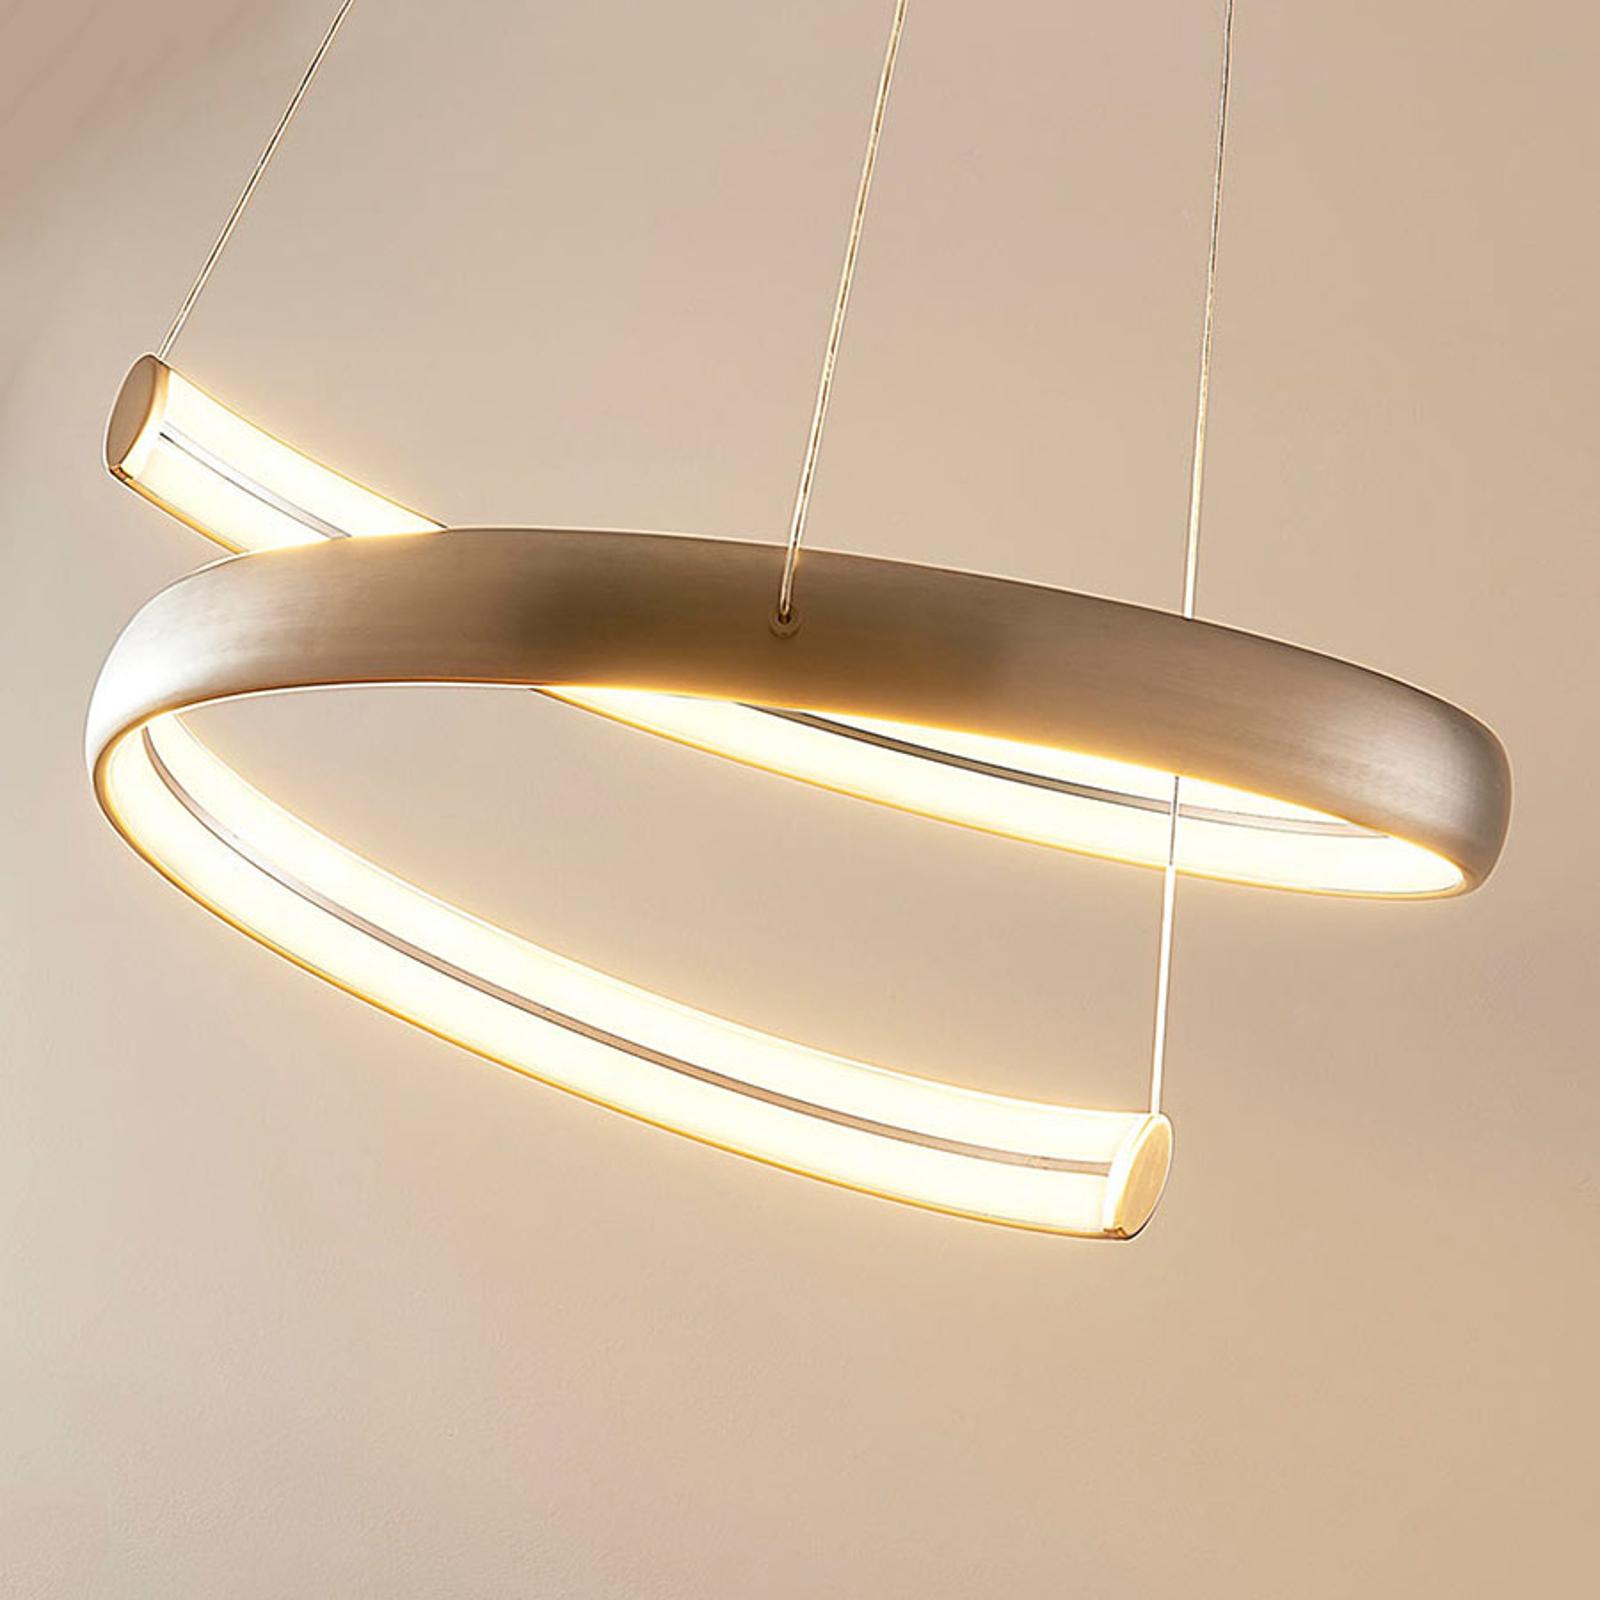 LED-Hängeleuchte Risto in Nickel, spiralförmig